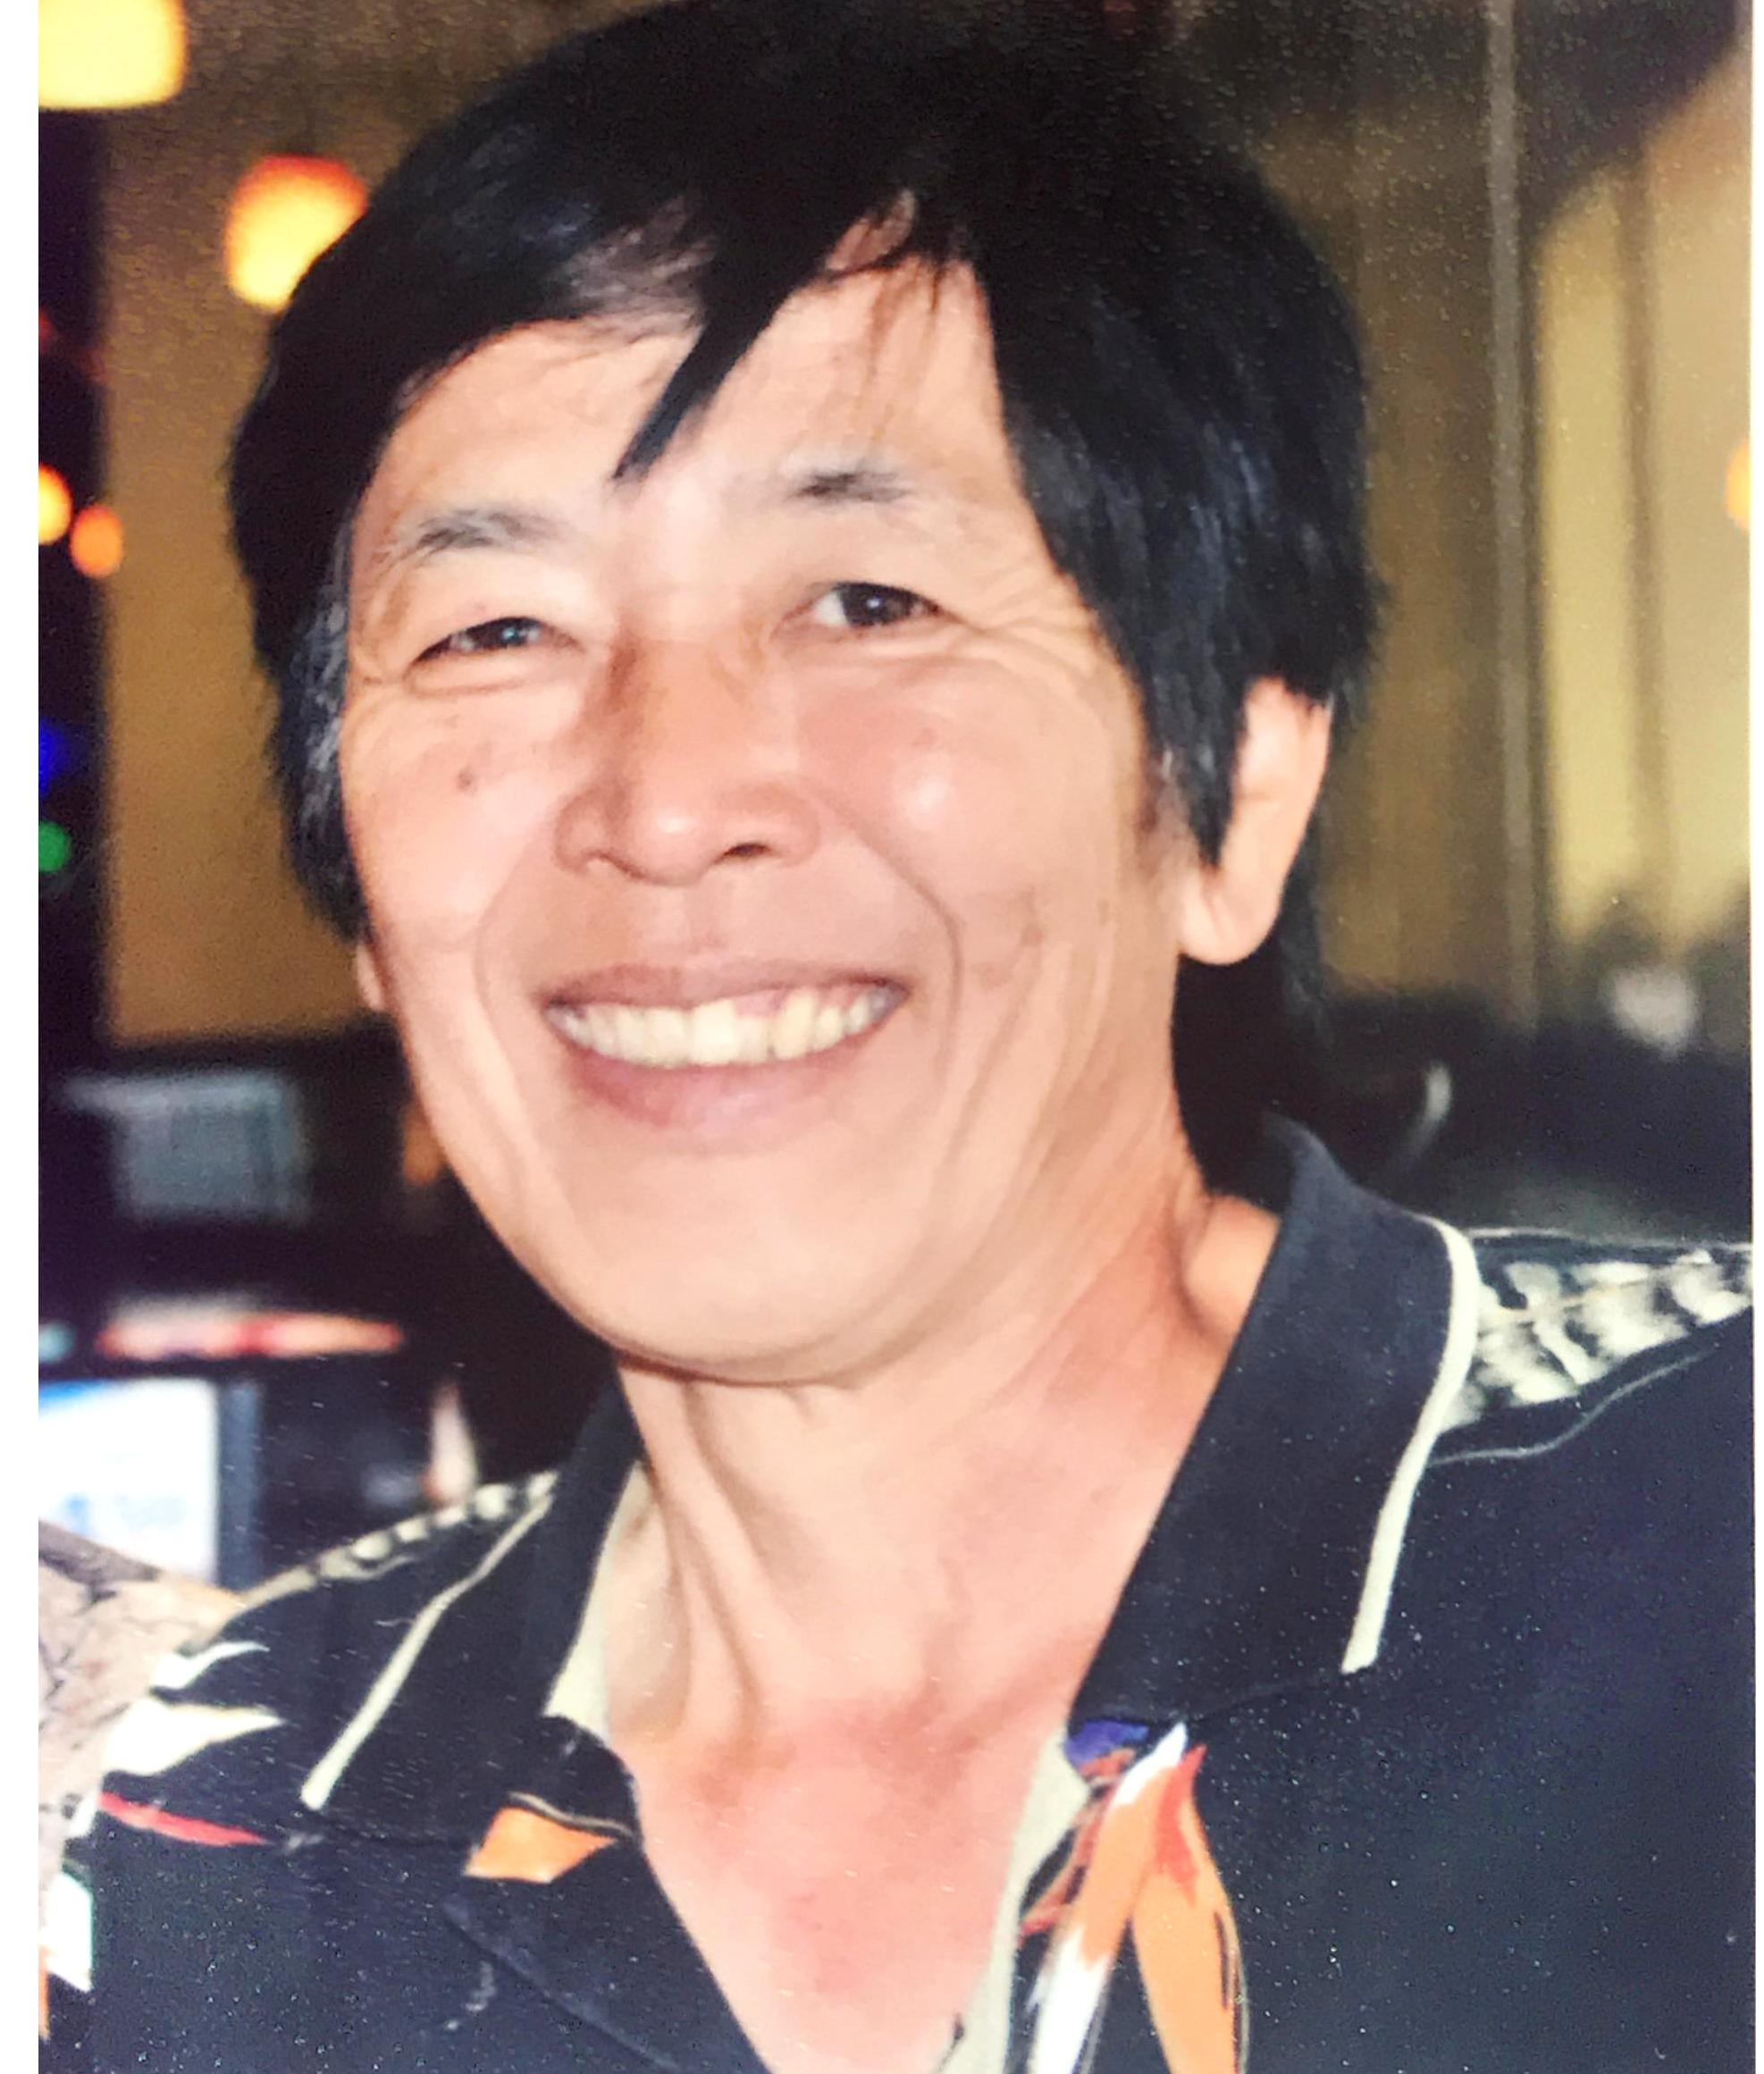 Clyde Kazuo Sato